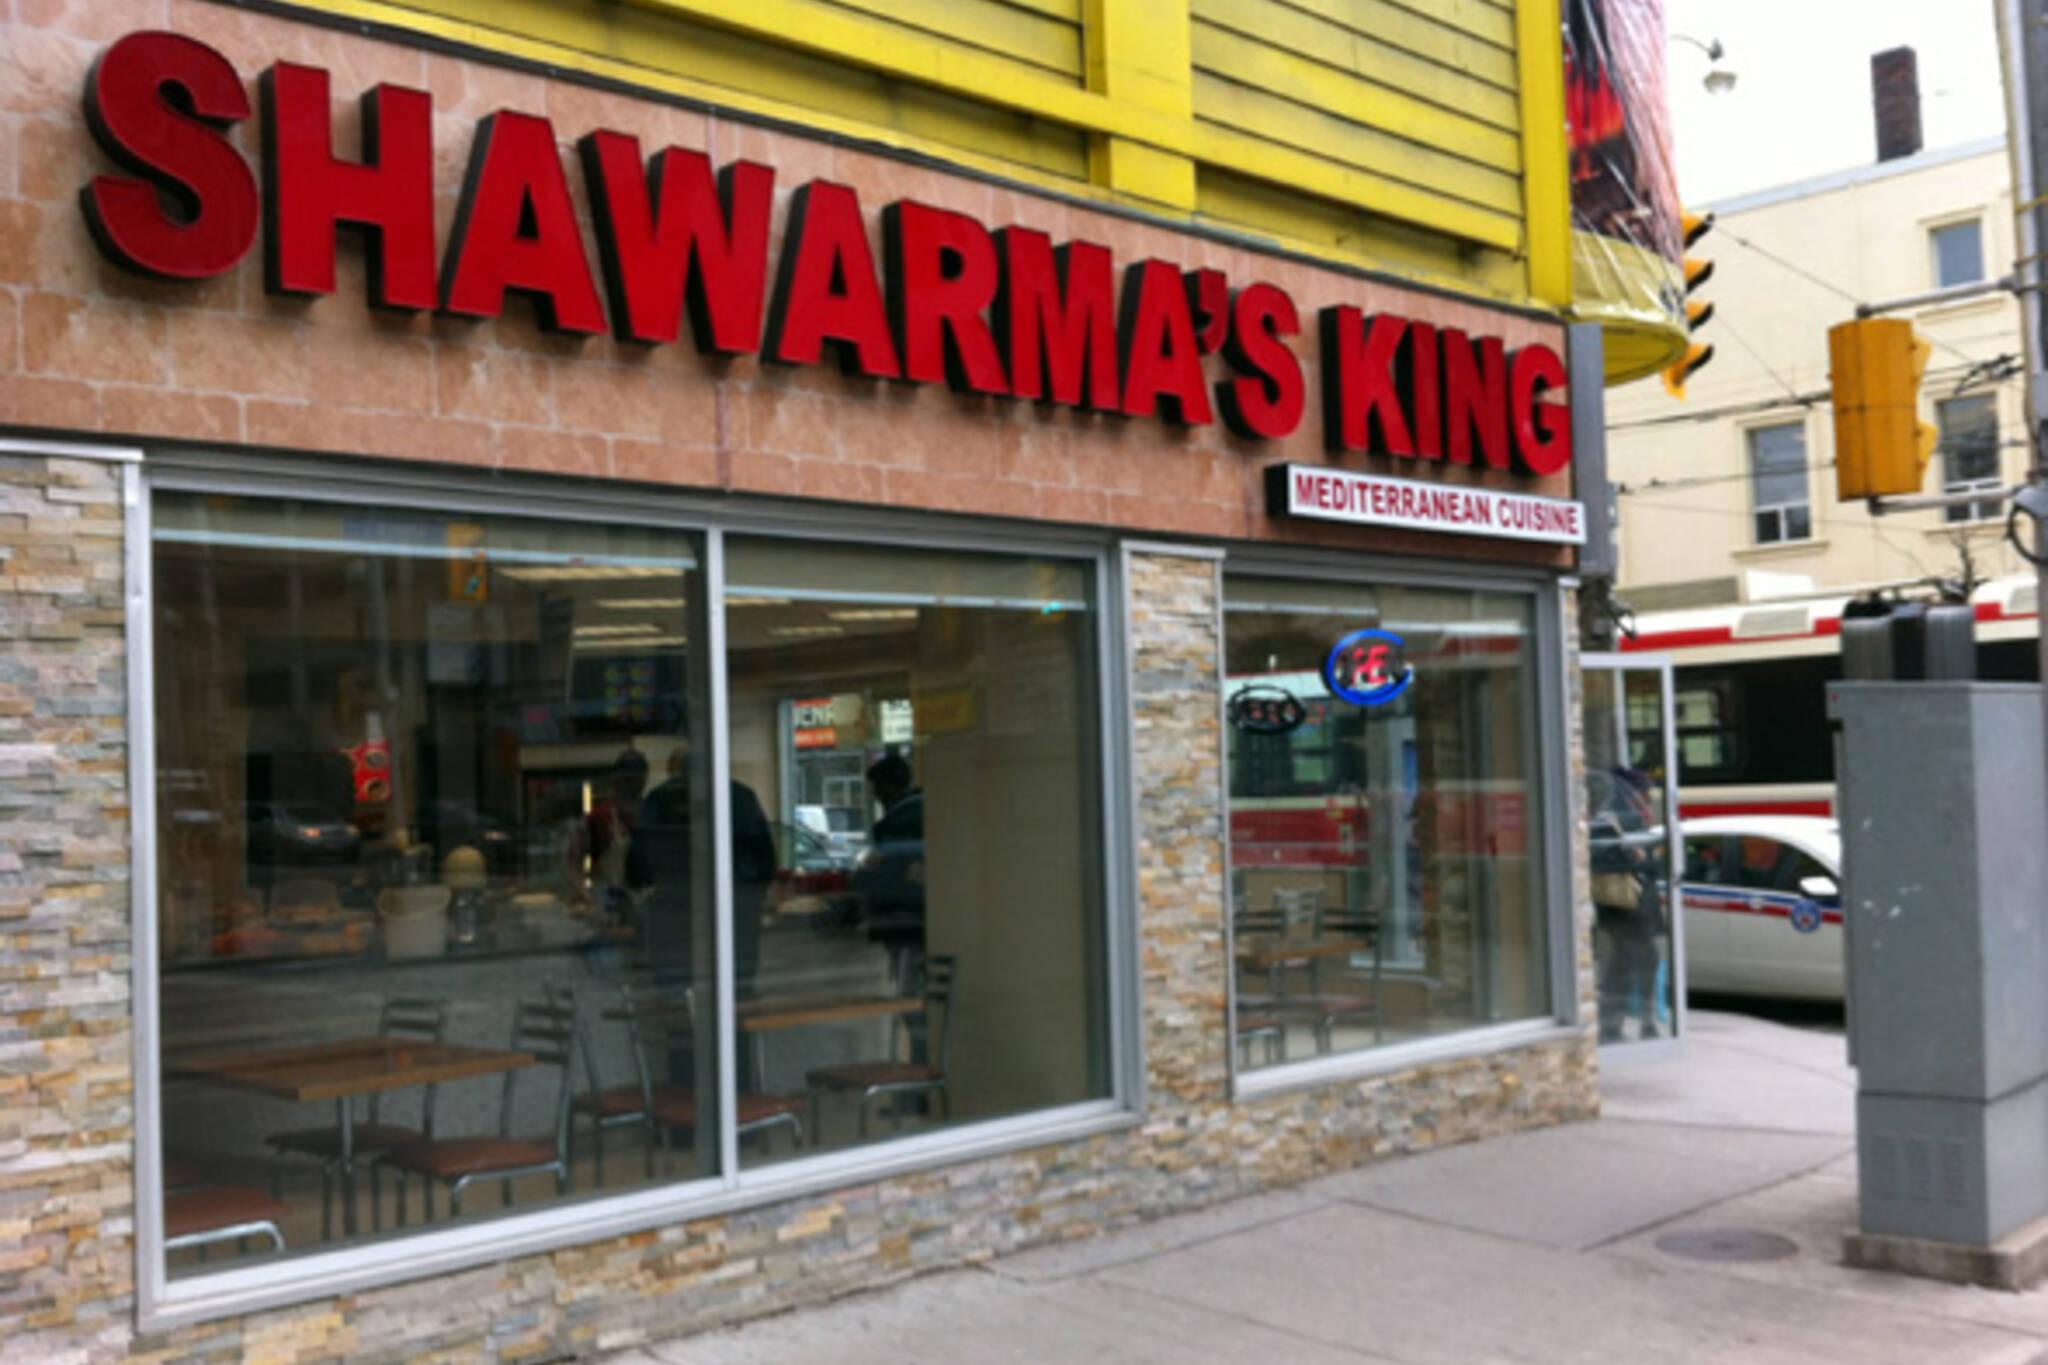 Shawarmas King